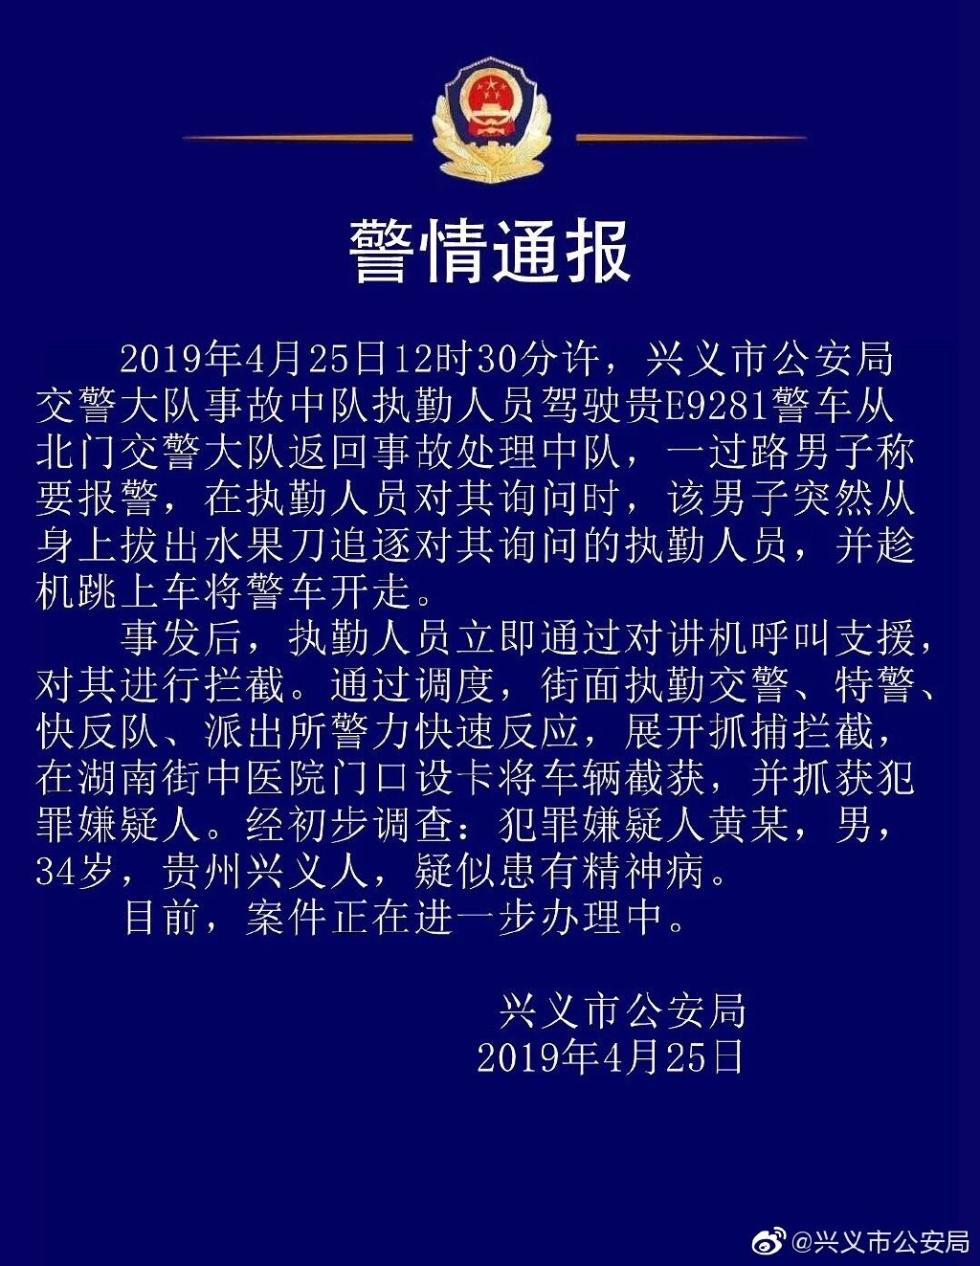 贵州兴义一男子拔刀追逐执勤人员并抢夺警车已被抓,疑似有精神病